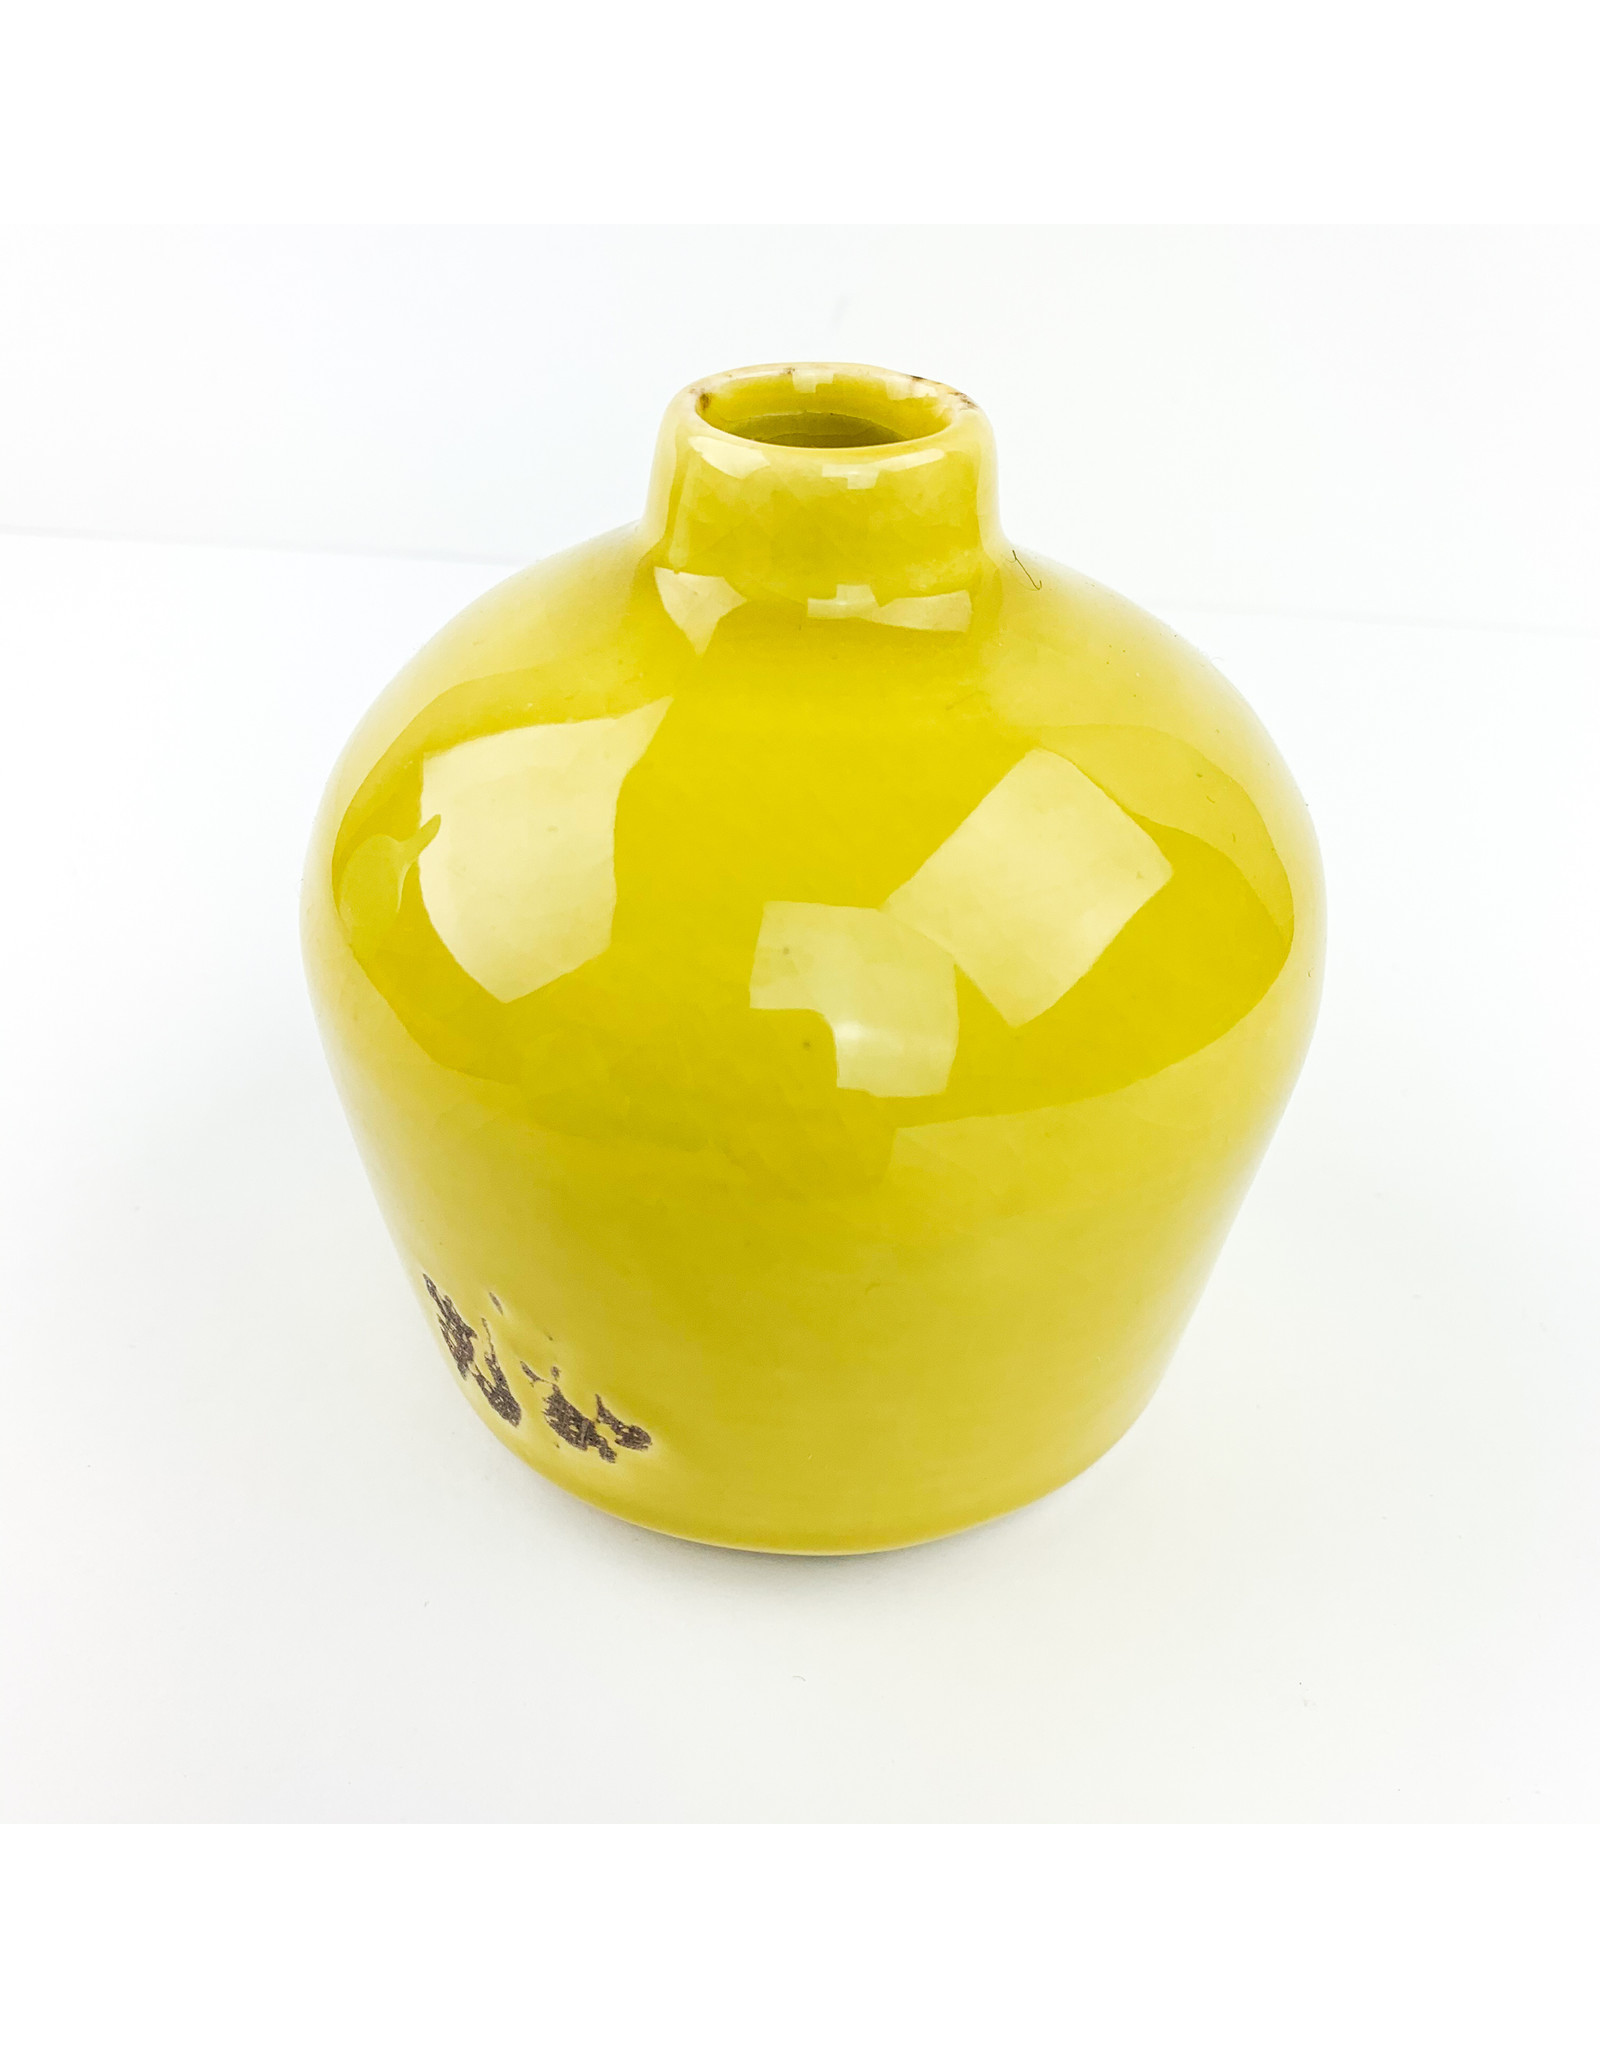 Creative Co-Op Terra Cotta Vase Yellow